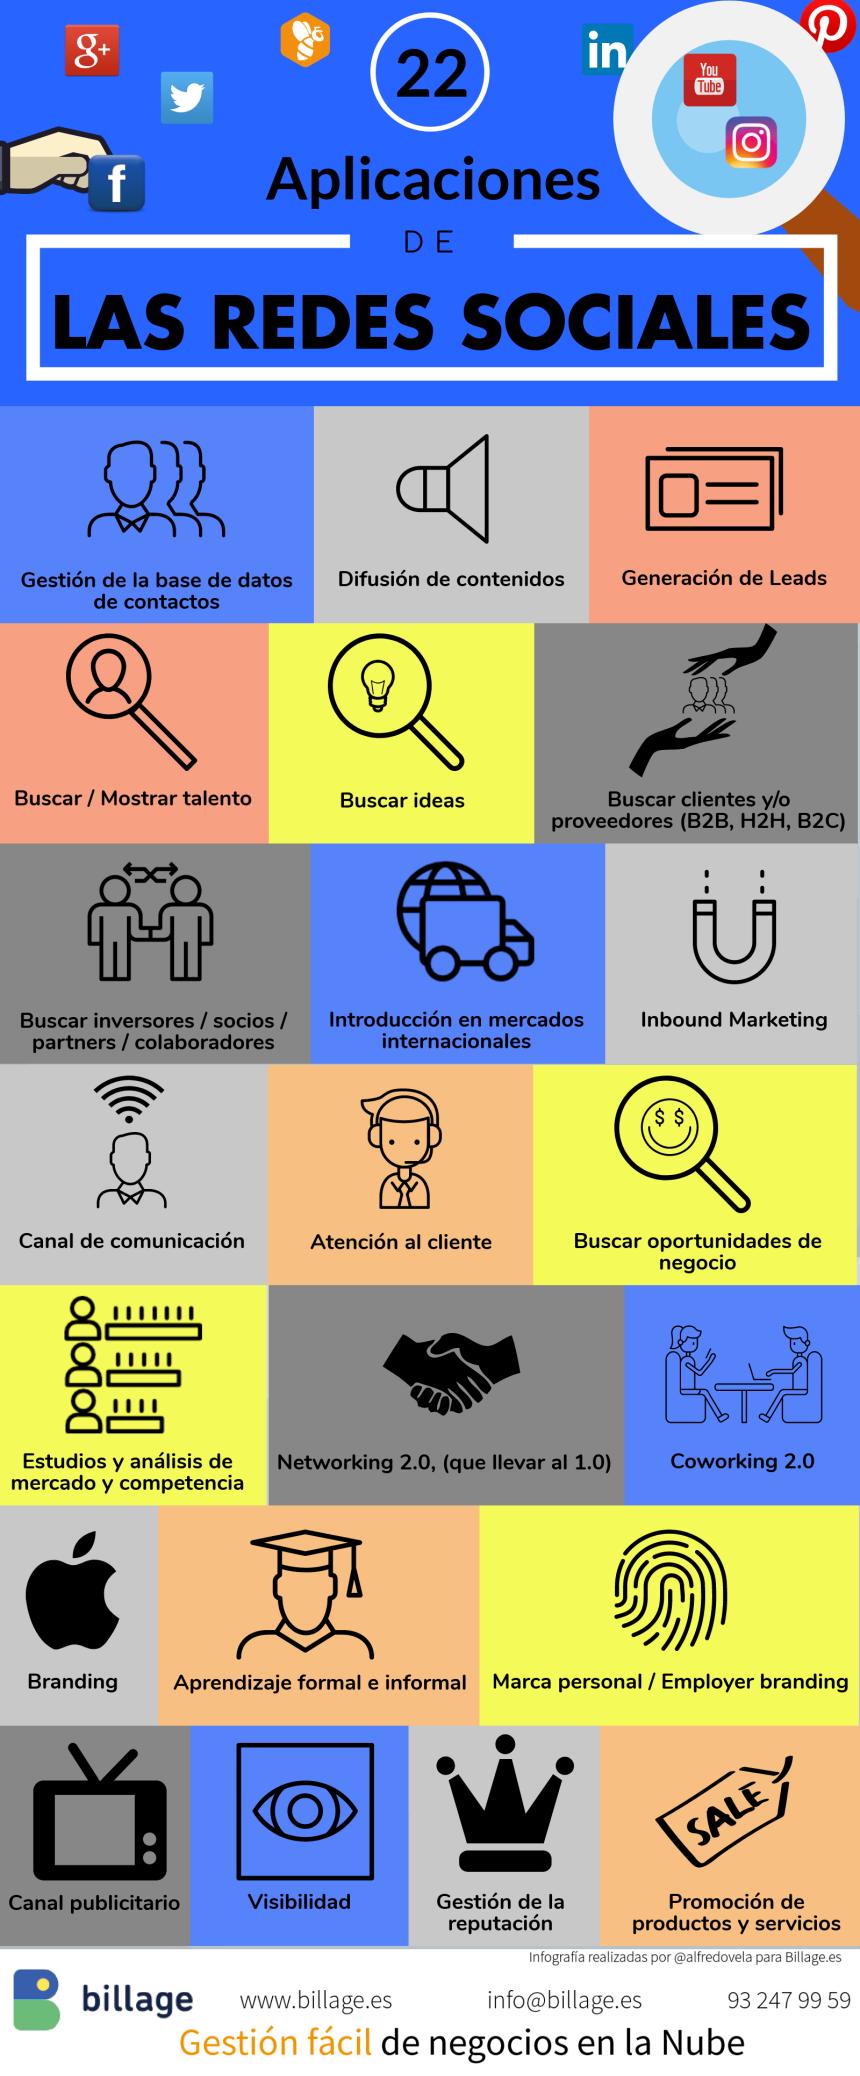 aplicaciones-redes-sociales-infografia.png